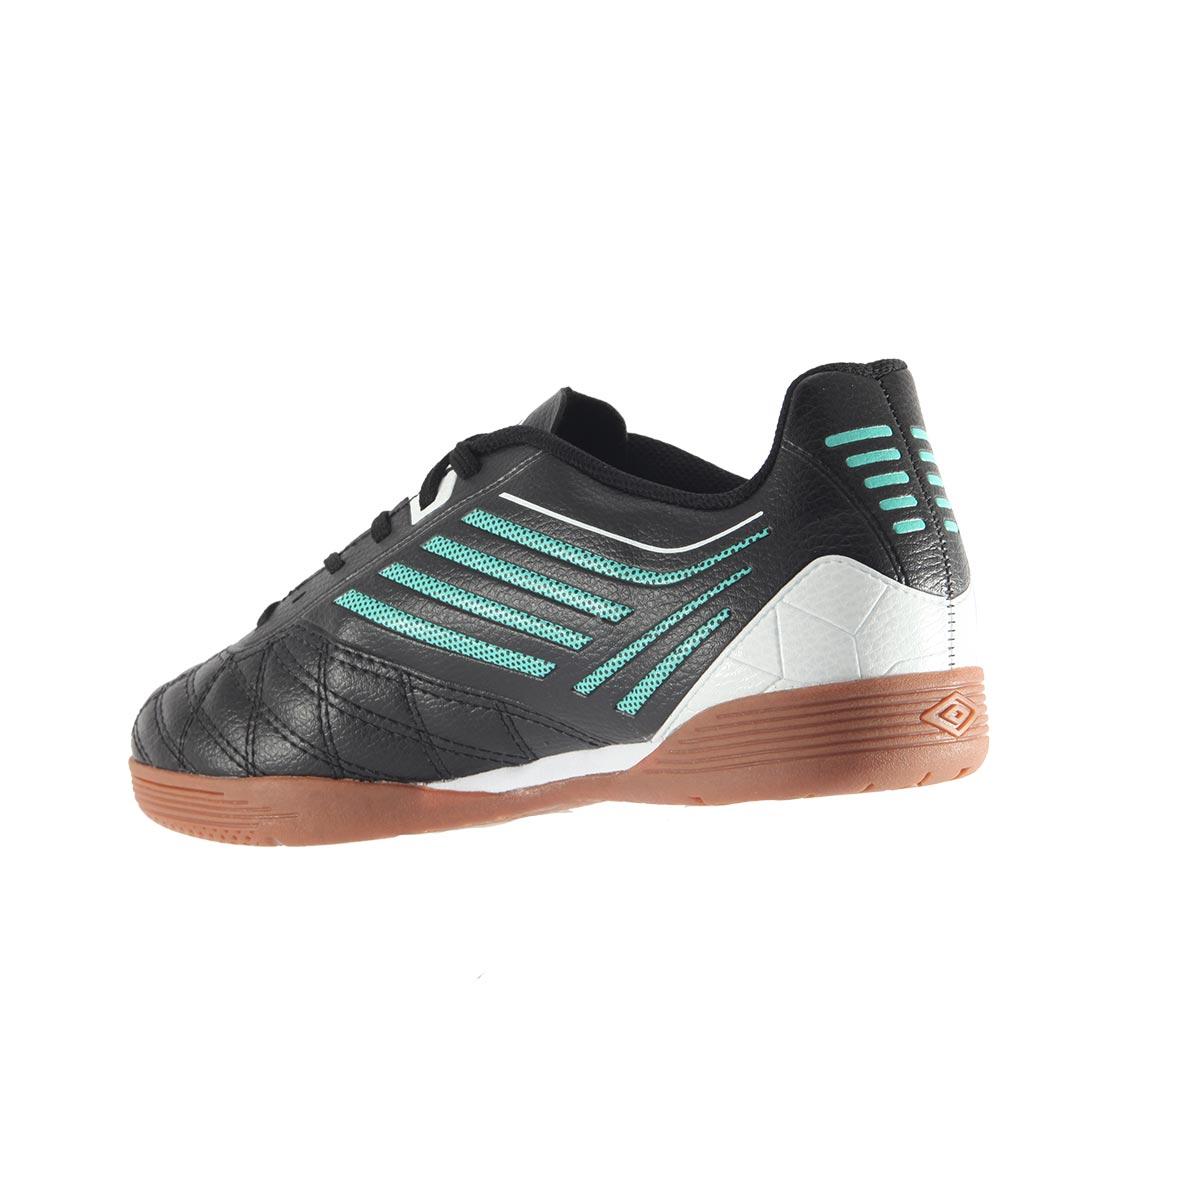 Chuteira Futsal Umbro Medusae Club Masculina 0F72053